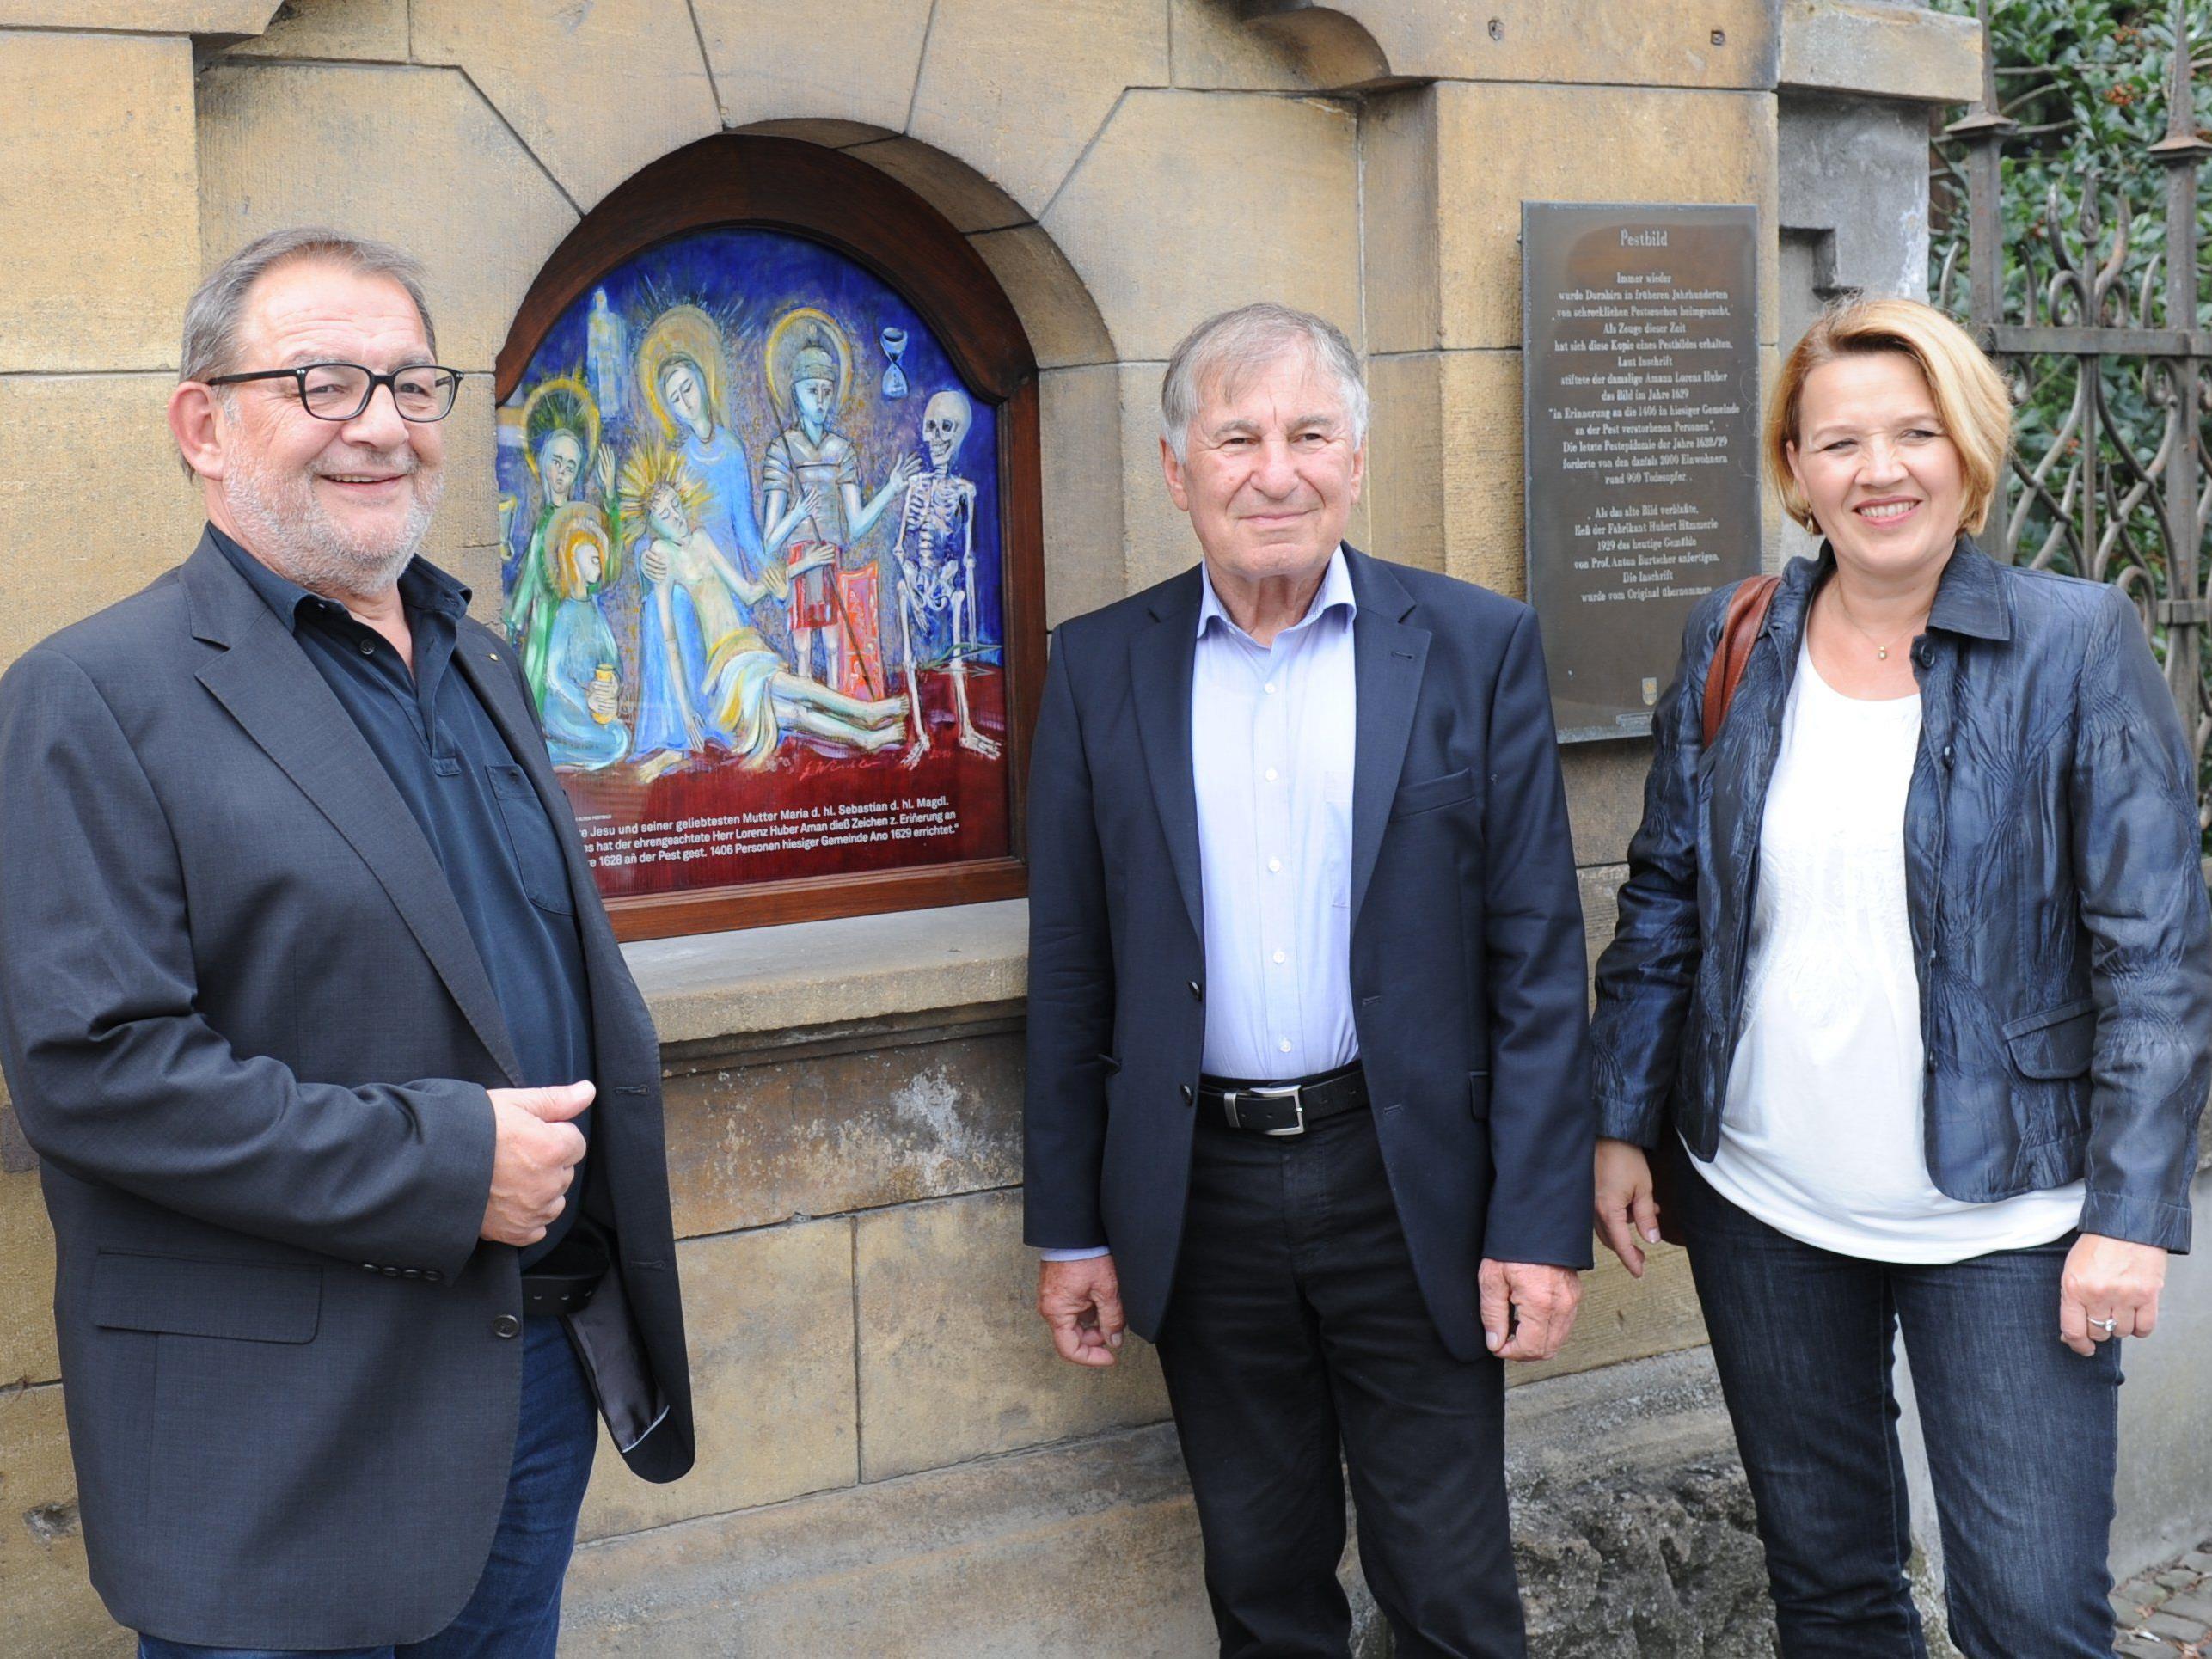 Am 18. September wurde das von Prof. Gerhard Winkler neu gestaltete Pestbild im Oberdorf angebracht.